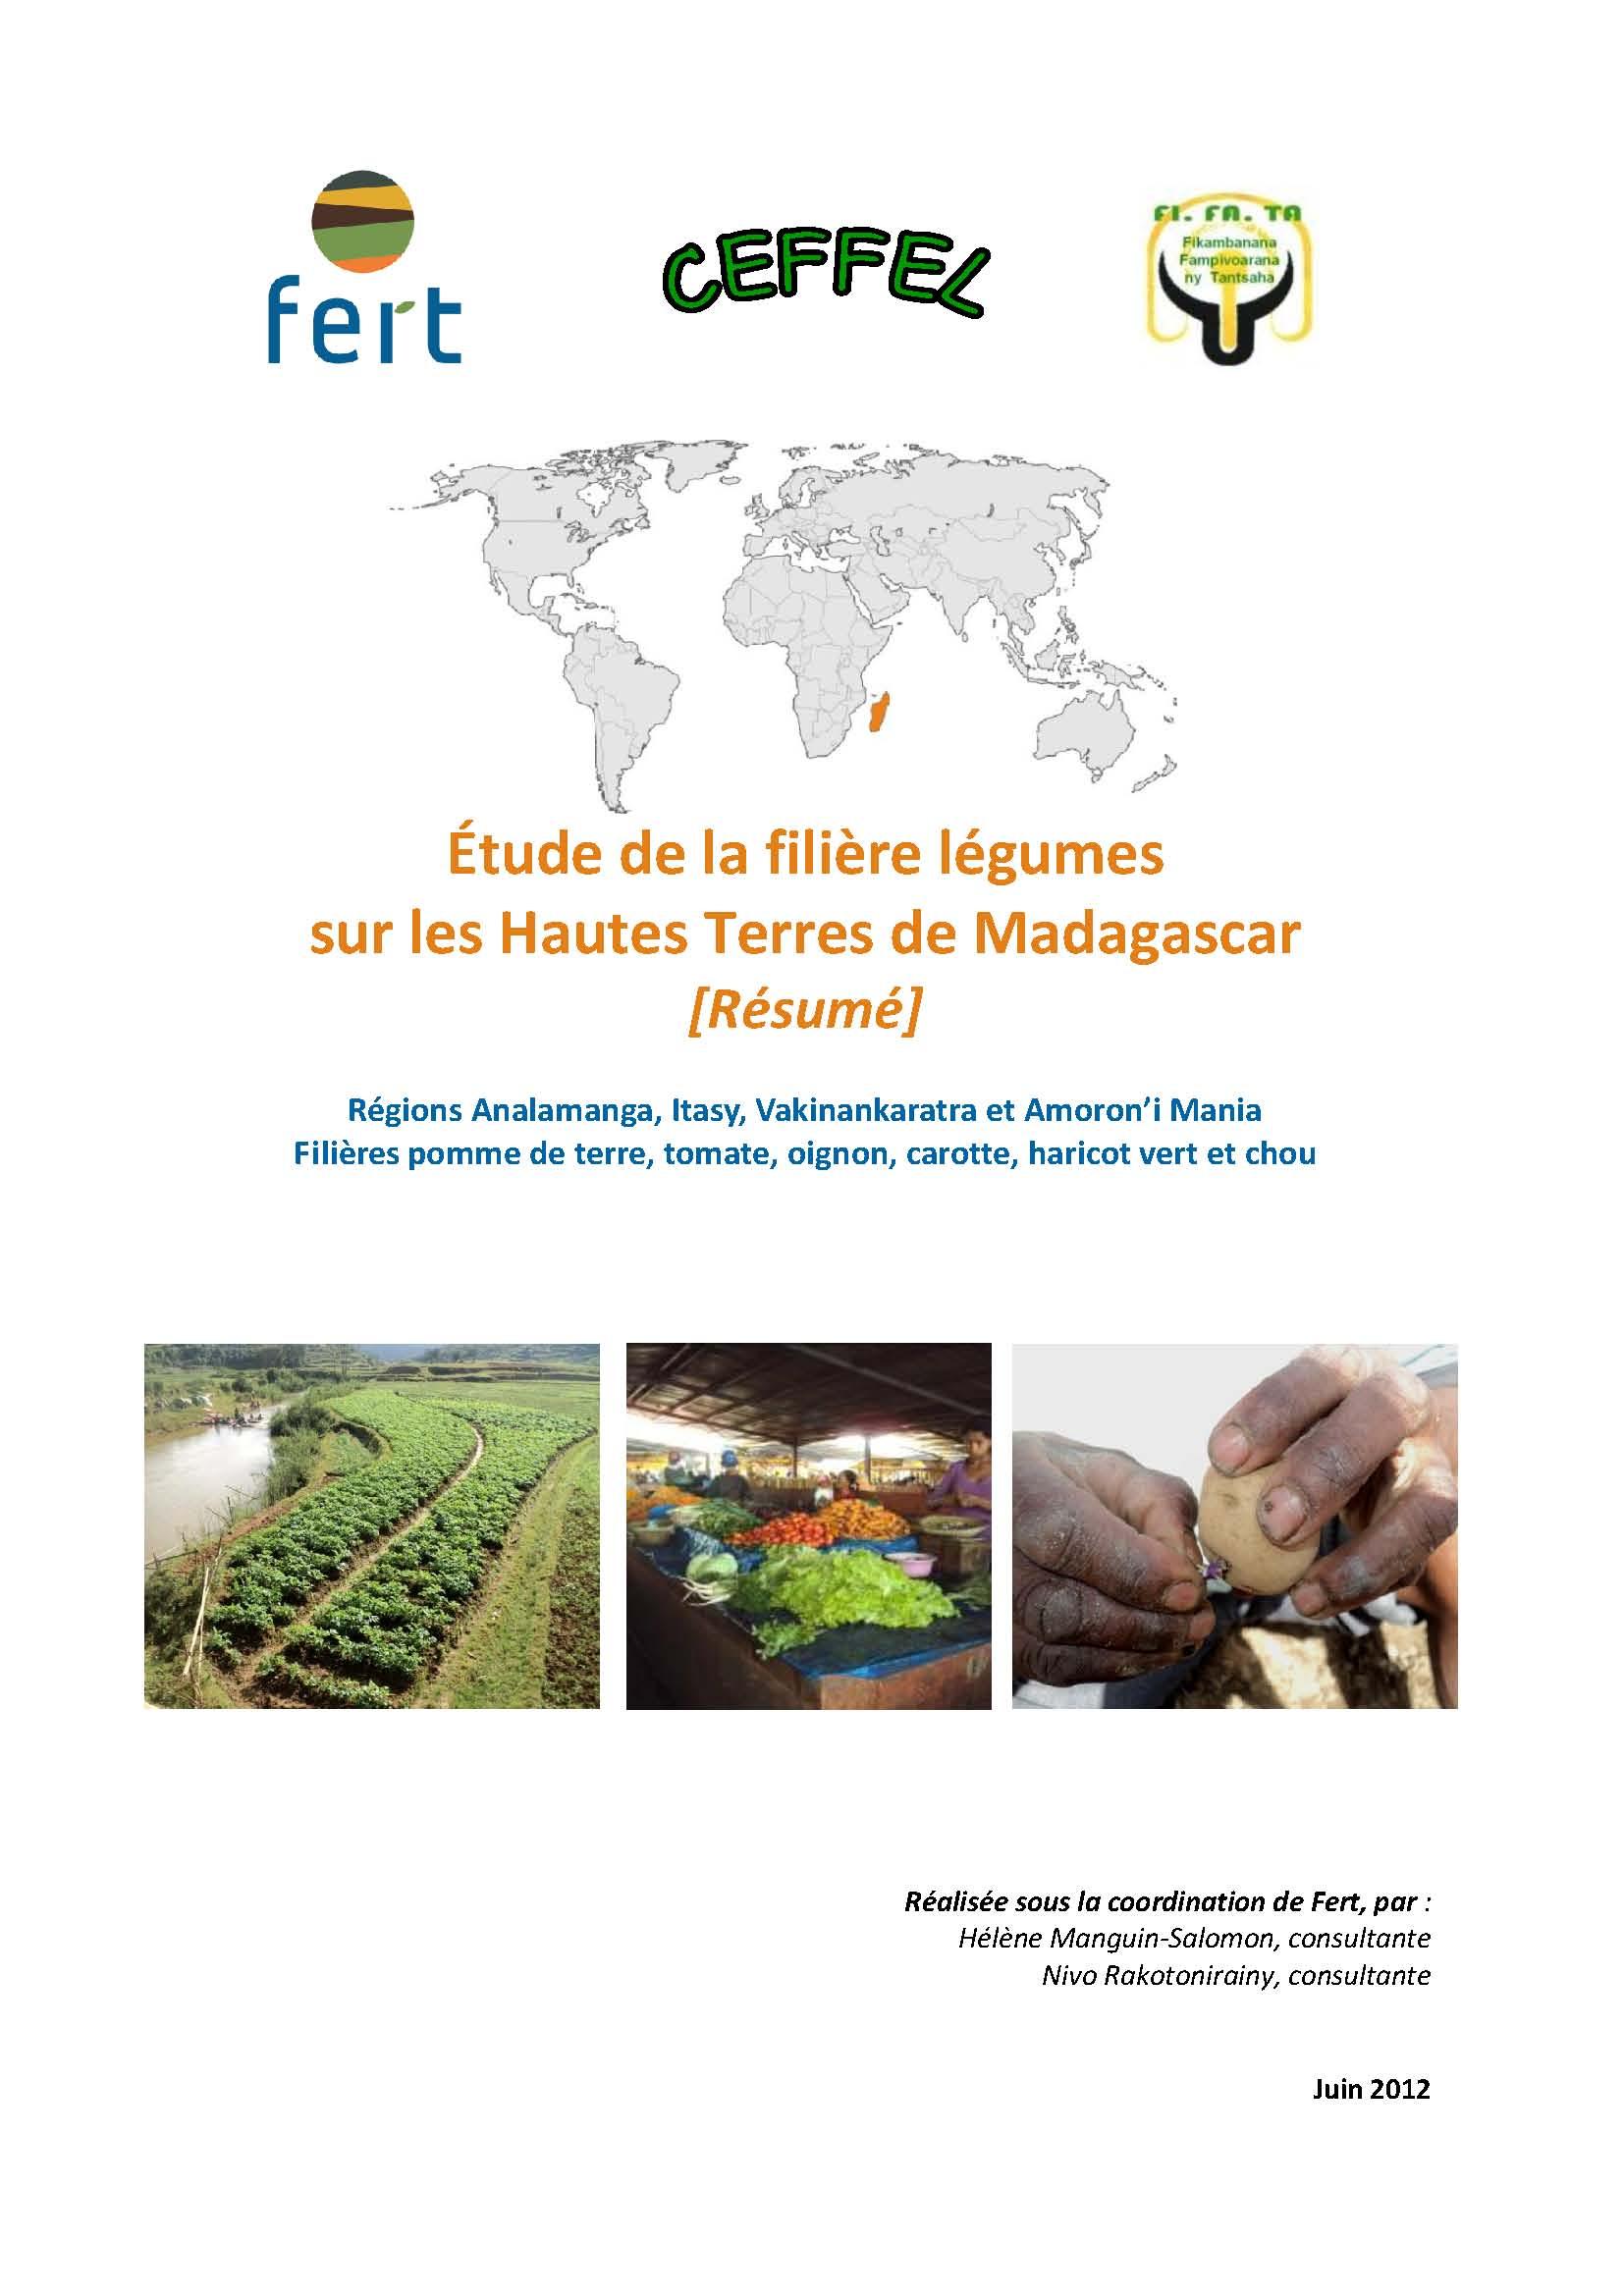 Étude de la filière légumes sur les Hautes Terres de Madagascar